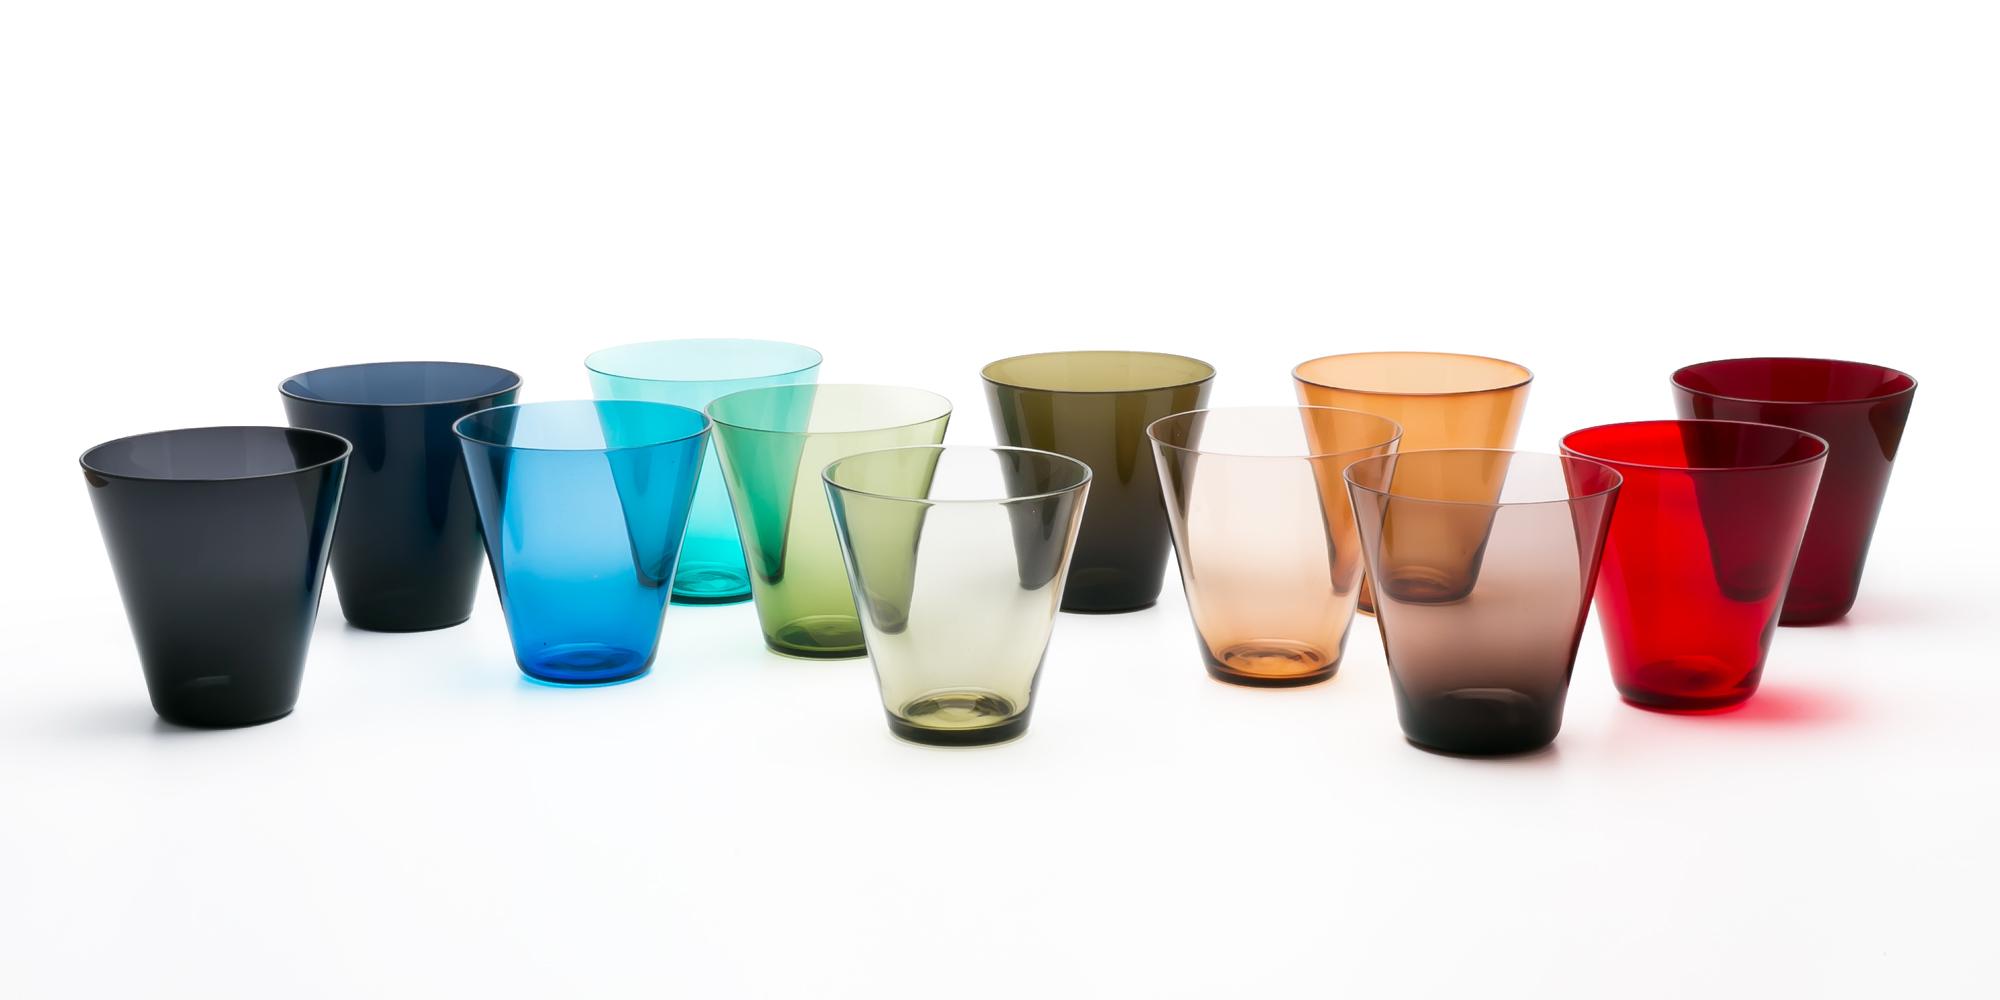 kaj franck,カイ・フランク,nuutajarvi,nuutajärvi,2744,マウスブロー,ガラス工芸,北欧